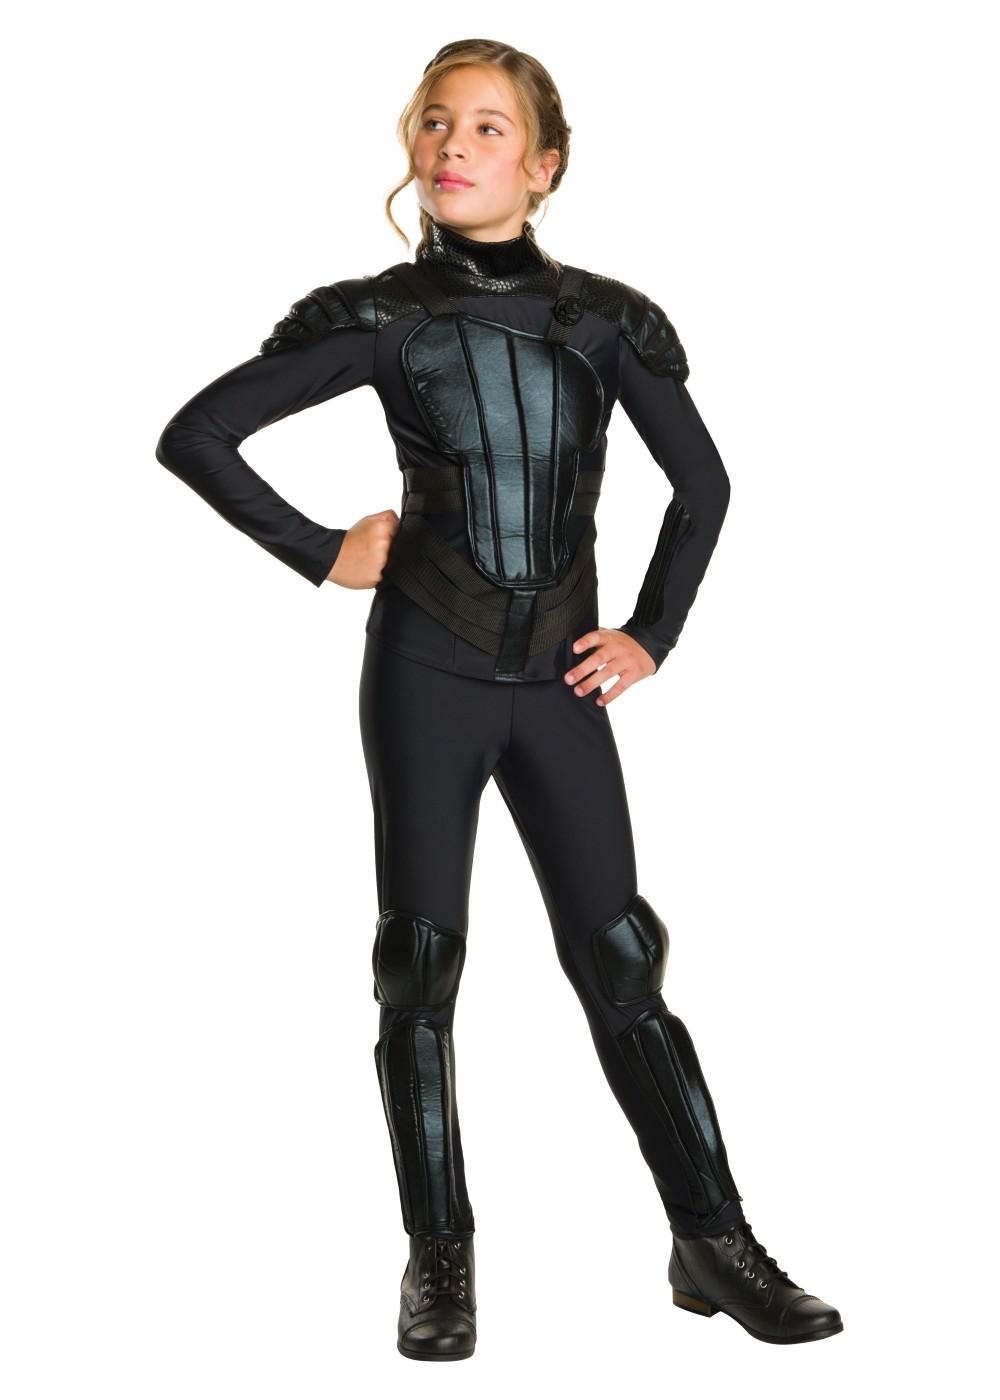 Hunger Games Mocking Jay Part 2 Girls Katniss Everdeen